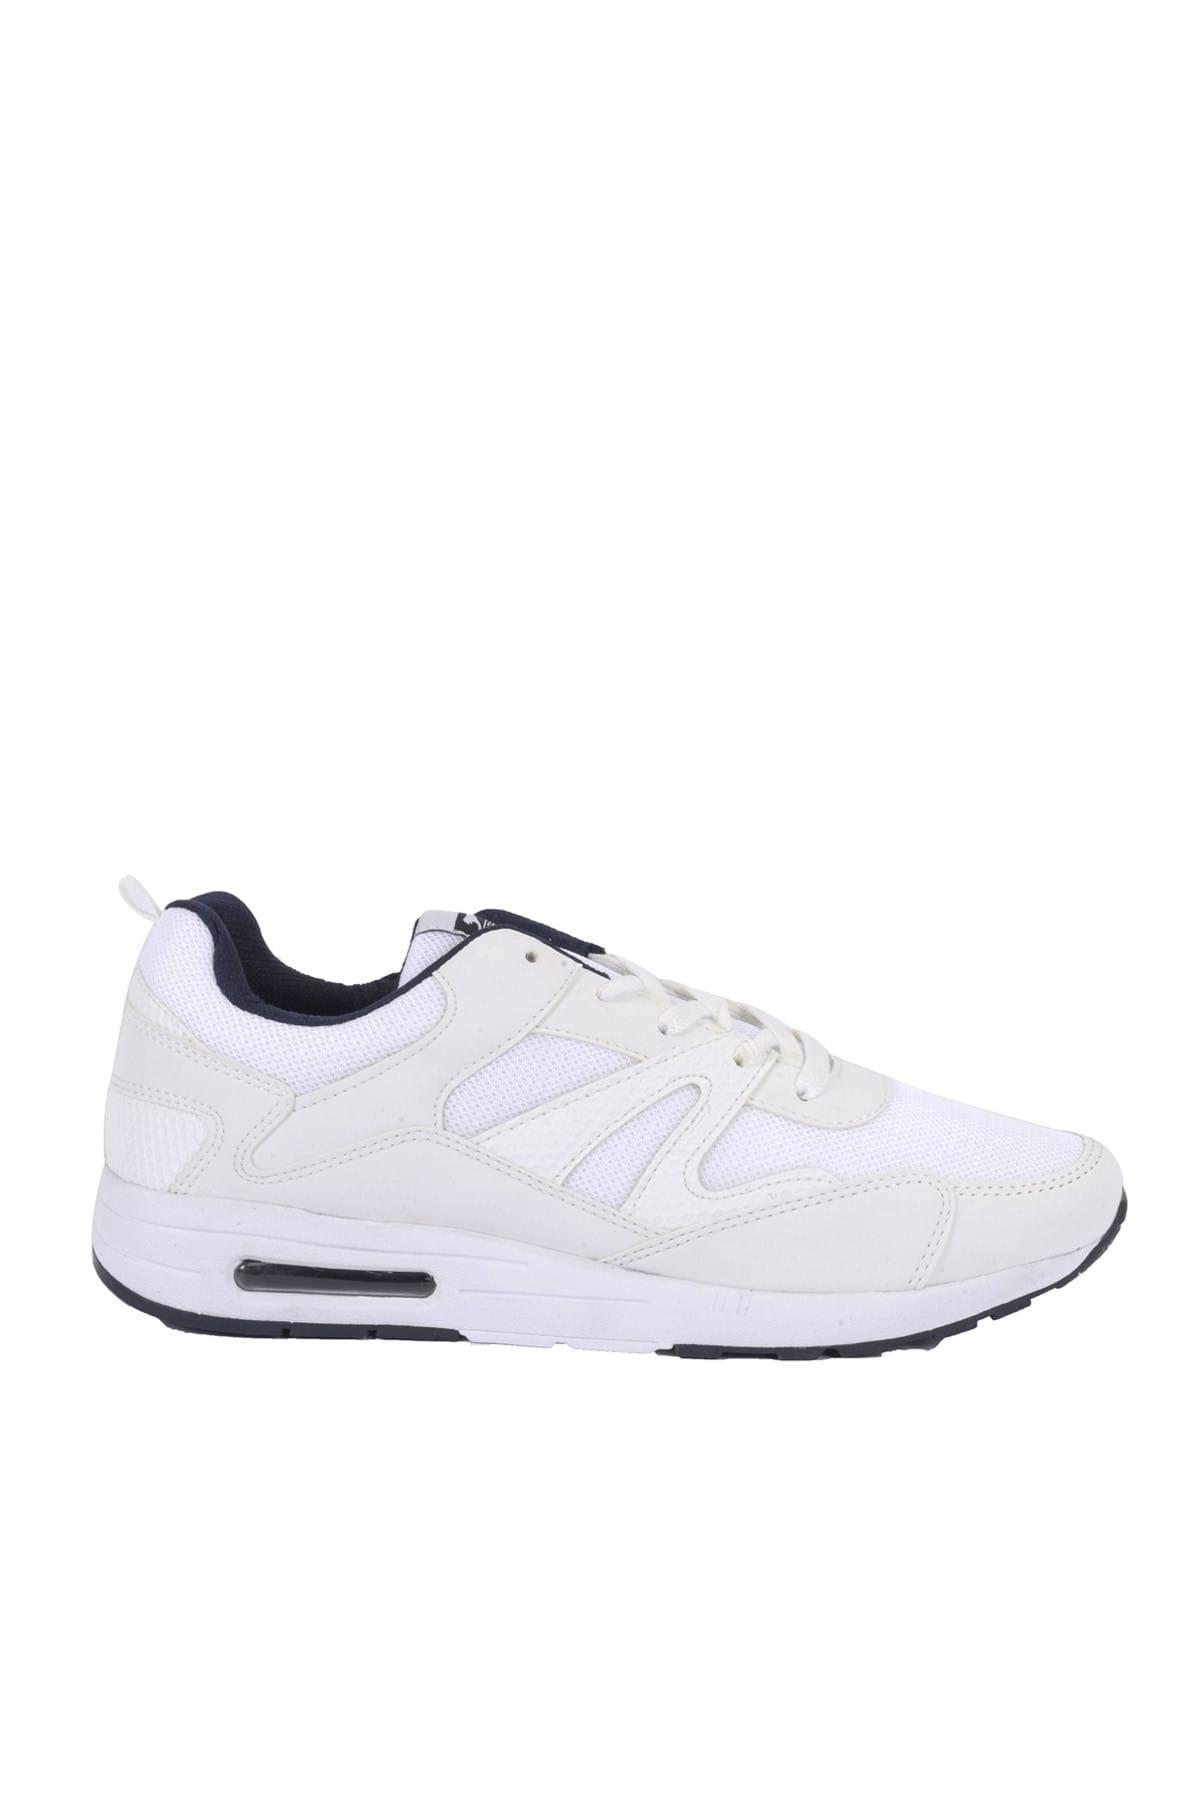 کفش مخصوص دویدن مردانه تابستانی برند اسلازنگر کد ty7046443